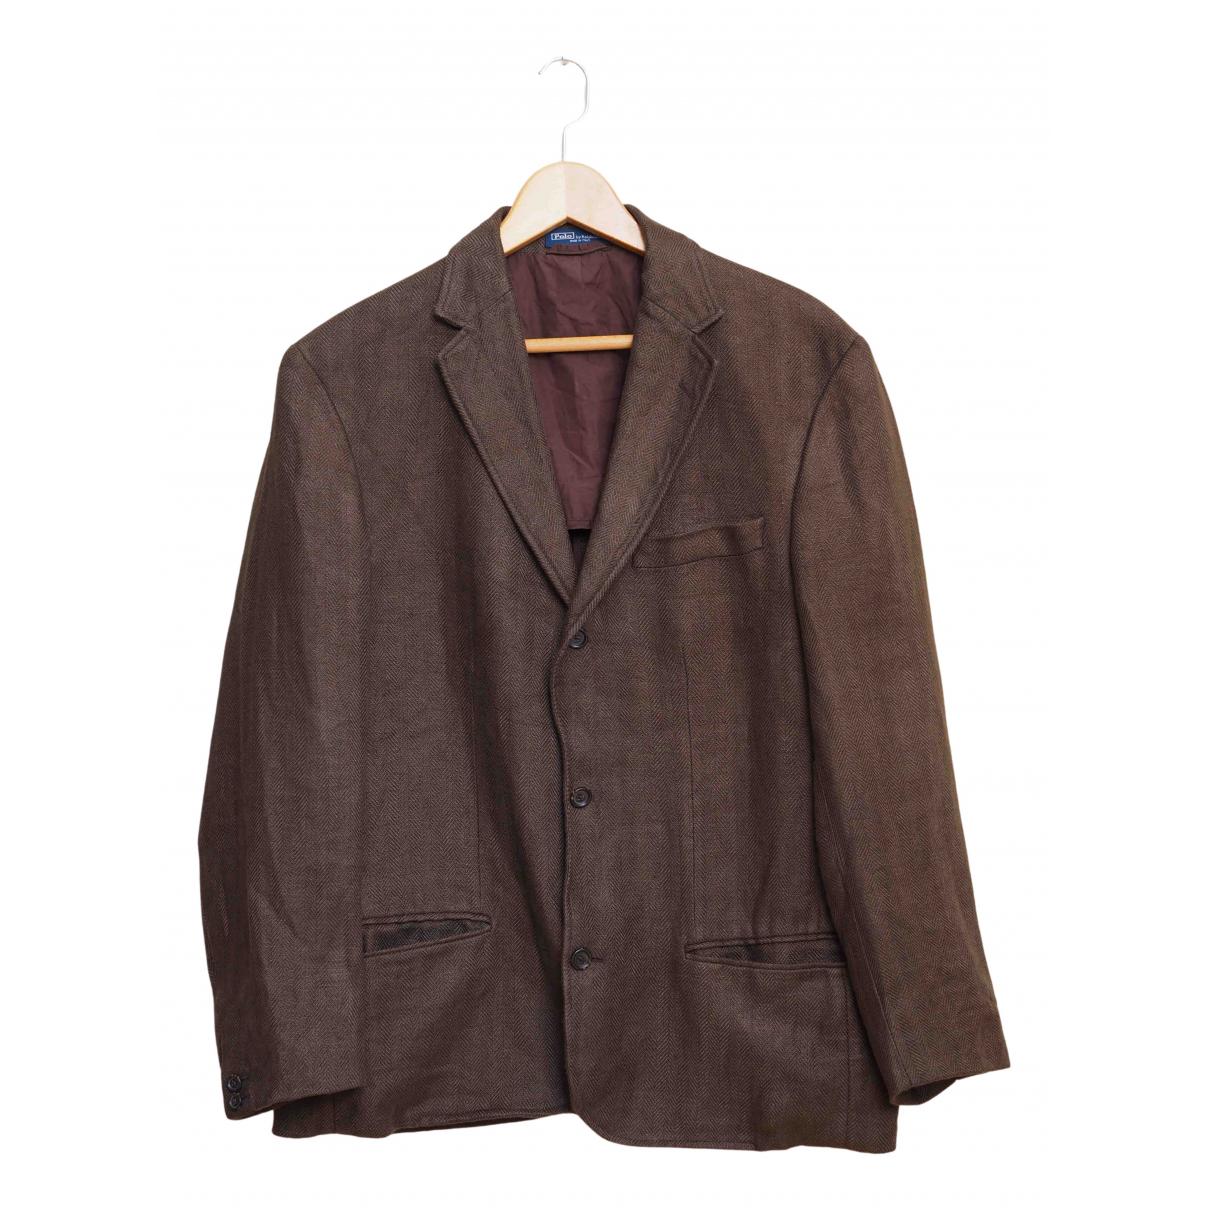 Polo Ralph Lauren - Vestes.Blousons   pour homme - marron